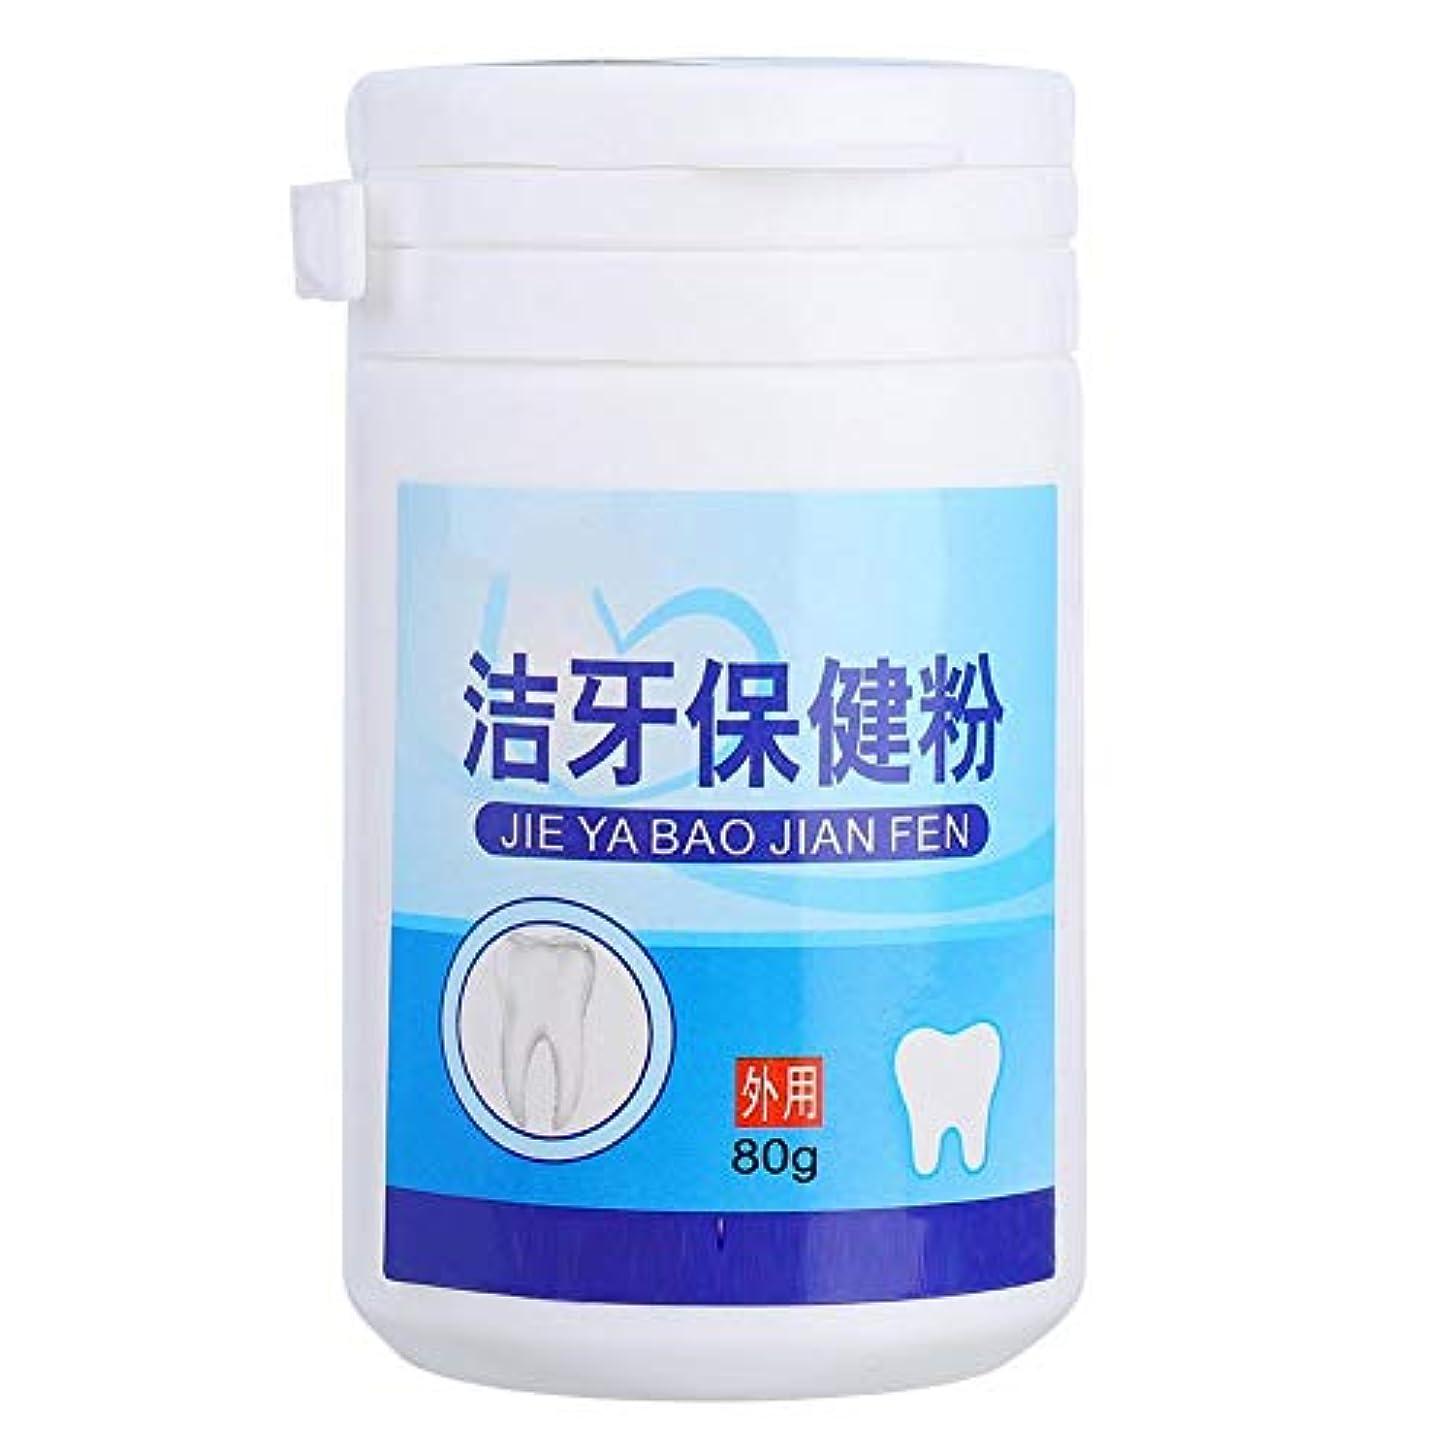 蒸腐敗スキーム粉の歯を白くする80g歯は取り外しの口頭歯の心配の口頭心配の粉を汚します